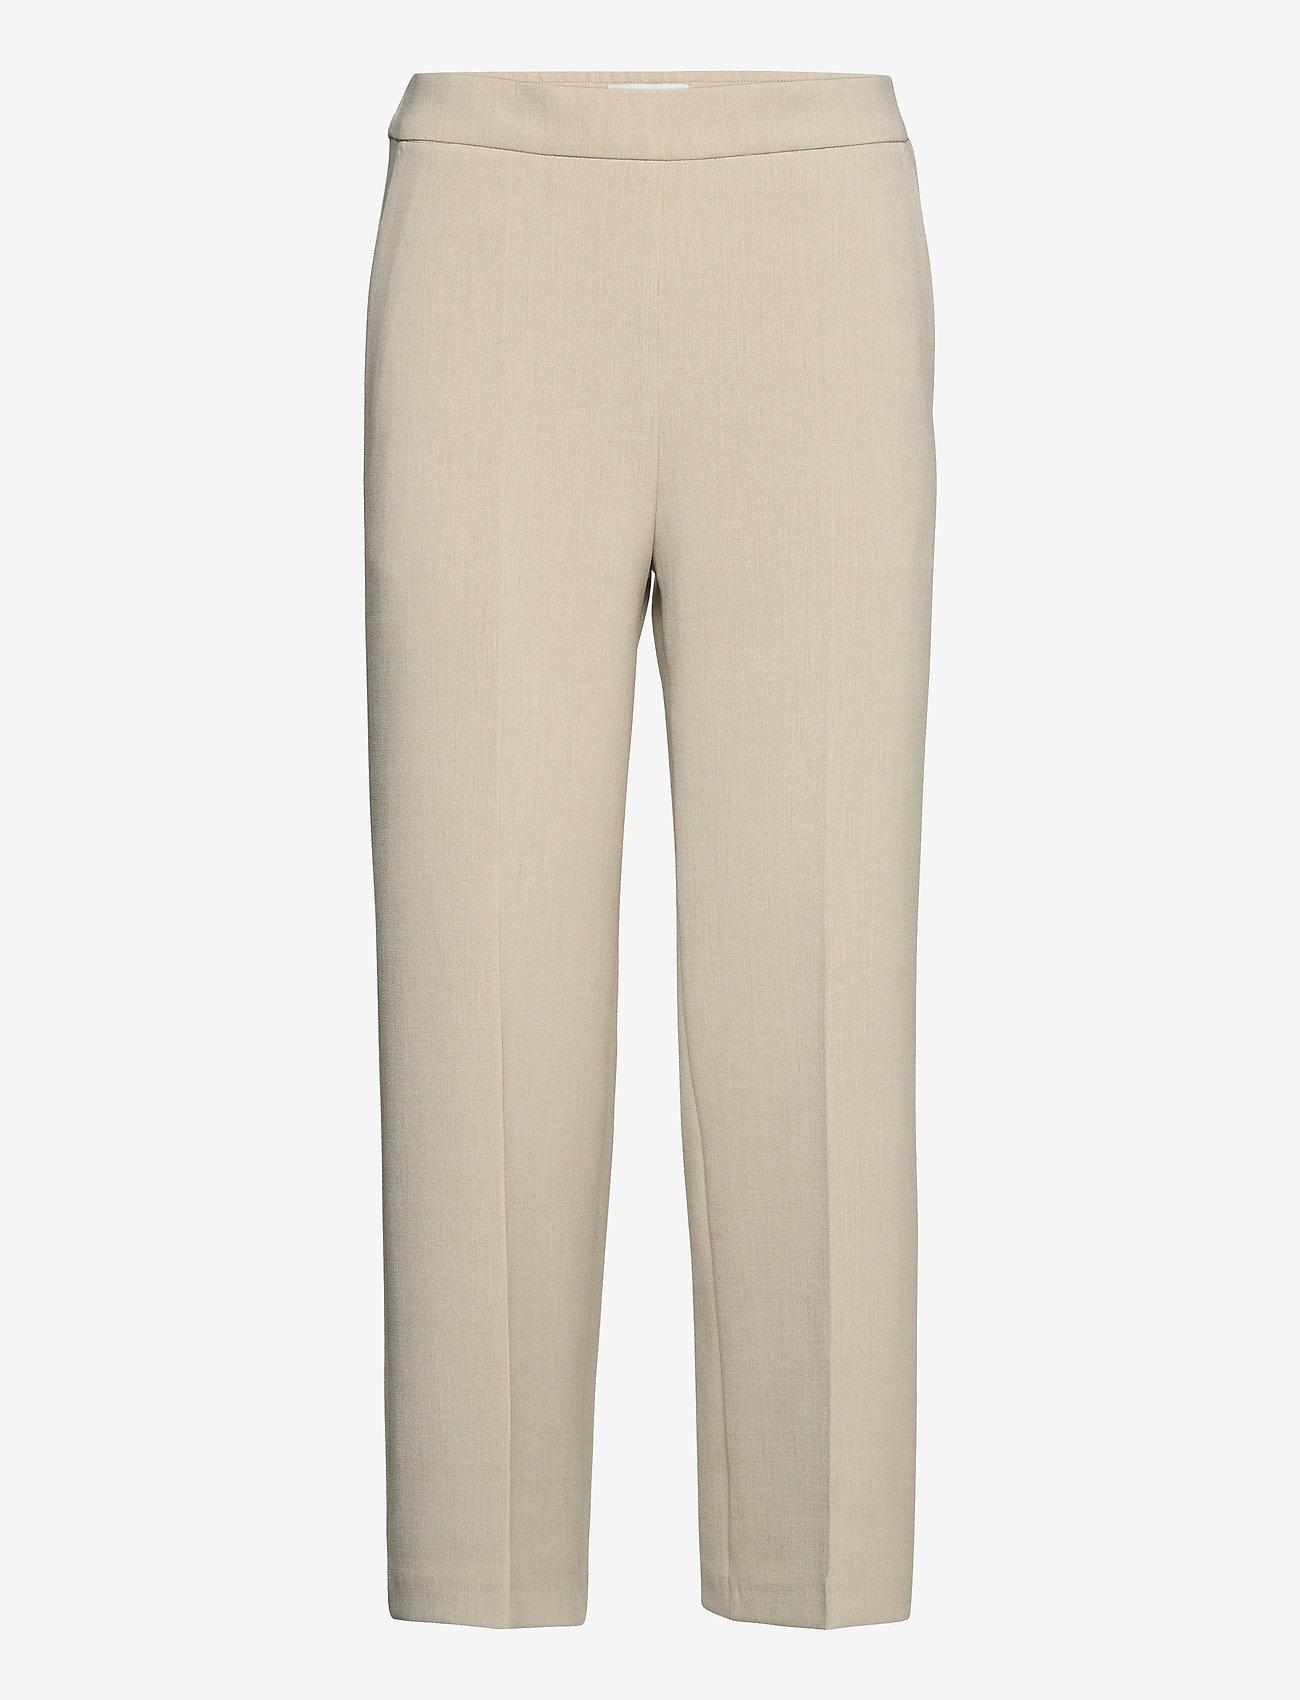 Marimekko - HAKKU COLOR TROUSERS - bukser med lige ben - off-white - 0